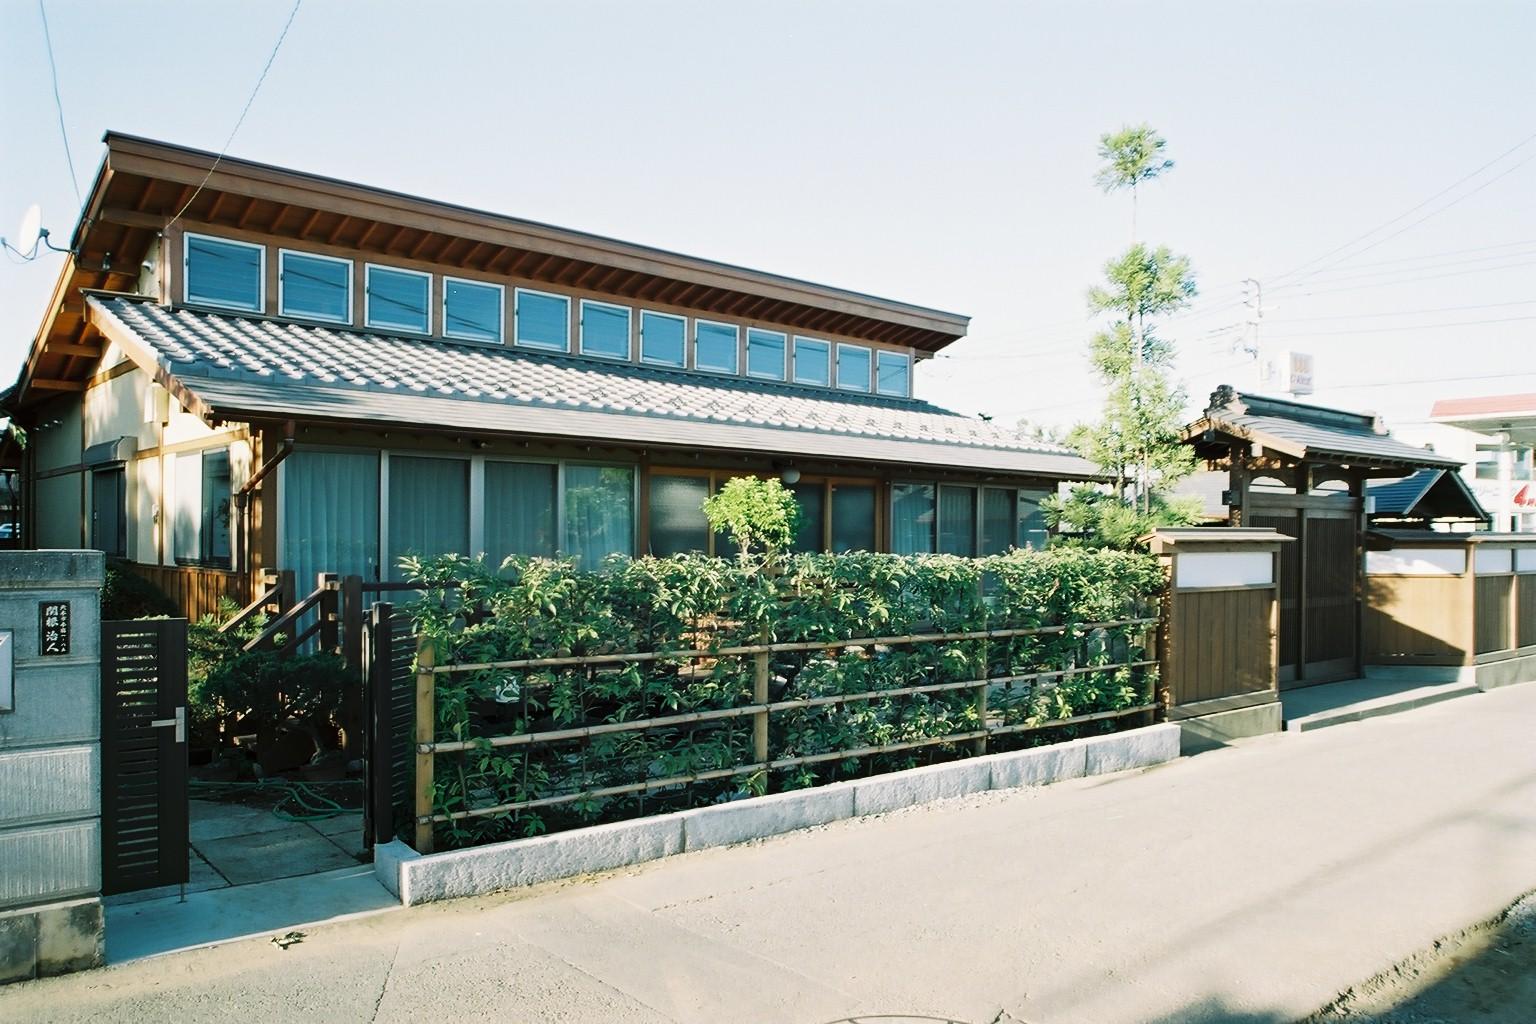 招き屋根の住宅